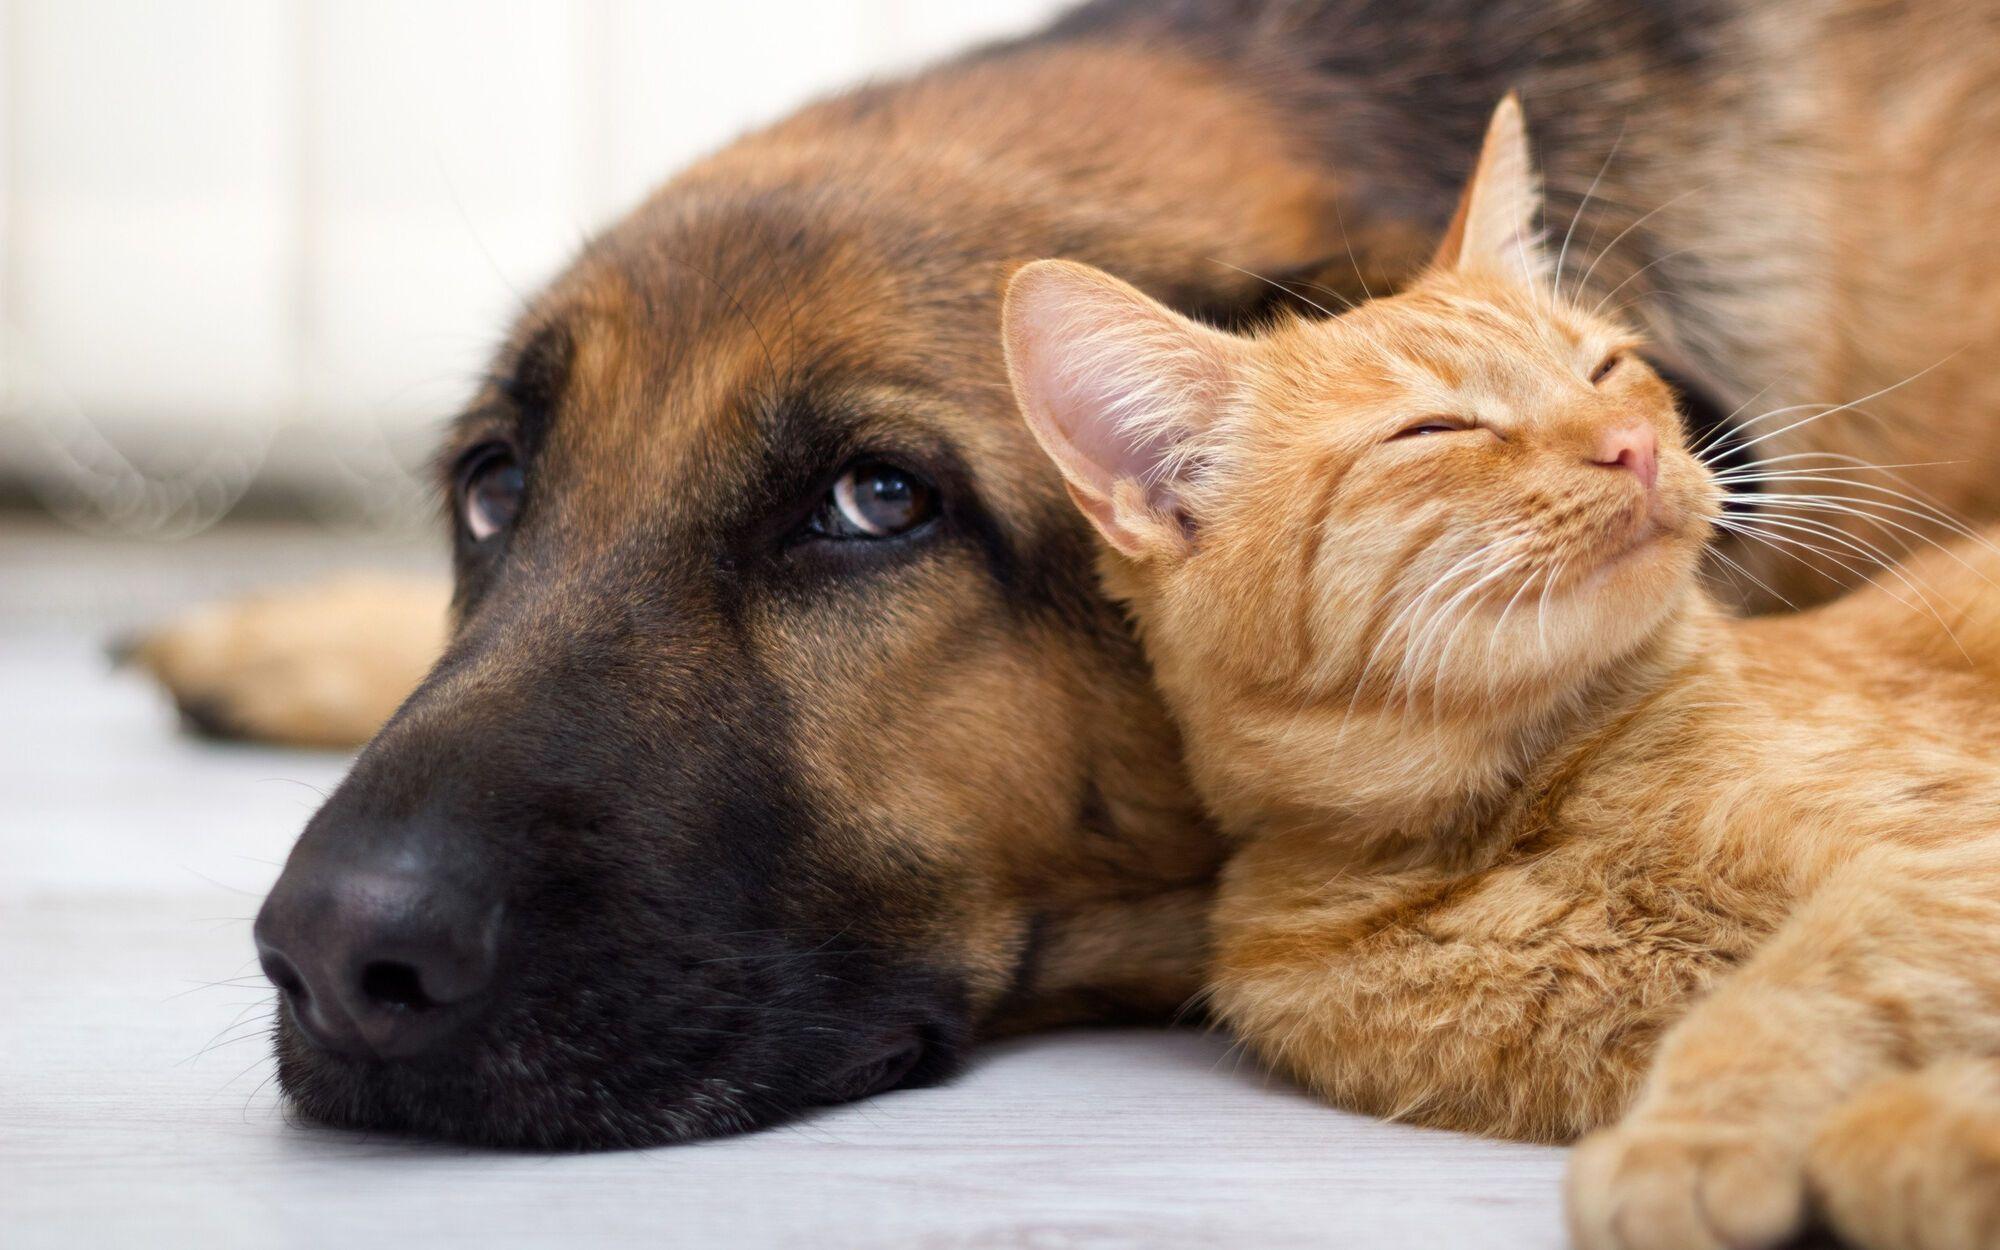 Всесвітній день домашніх тварин: коли відзначають